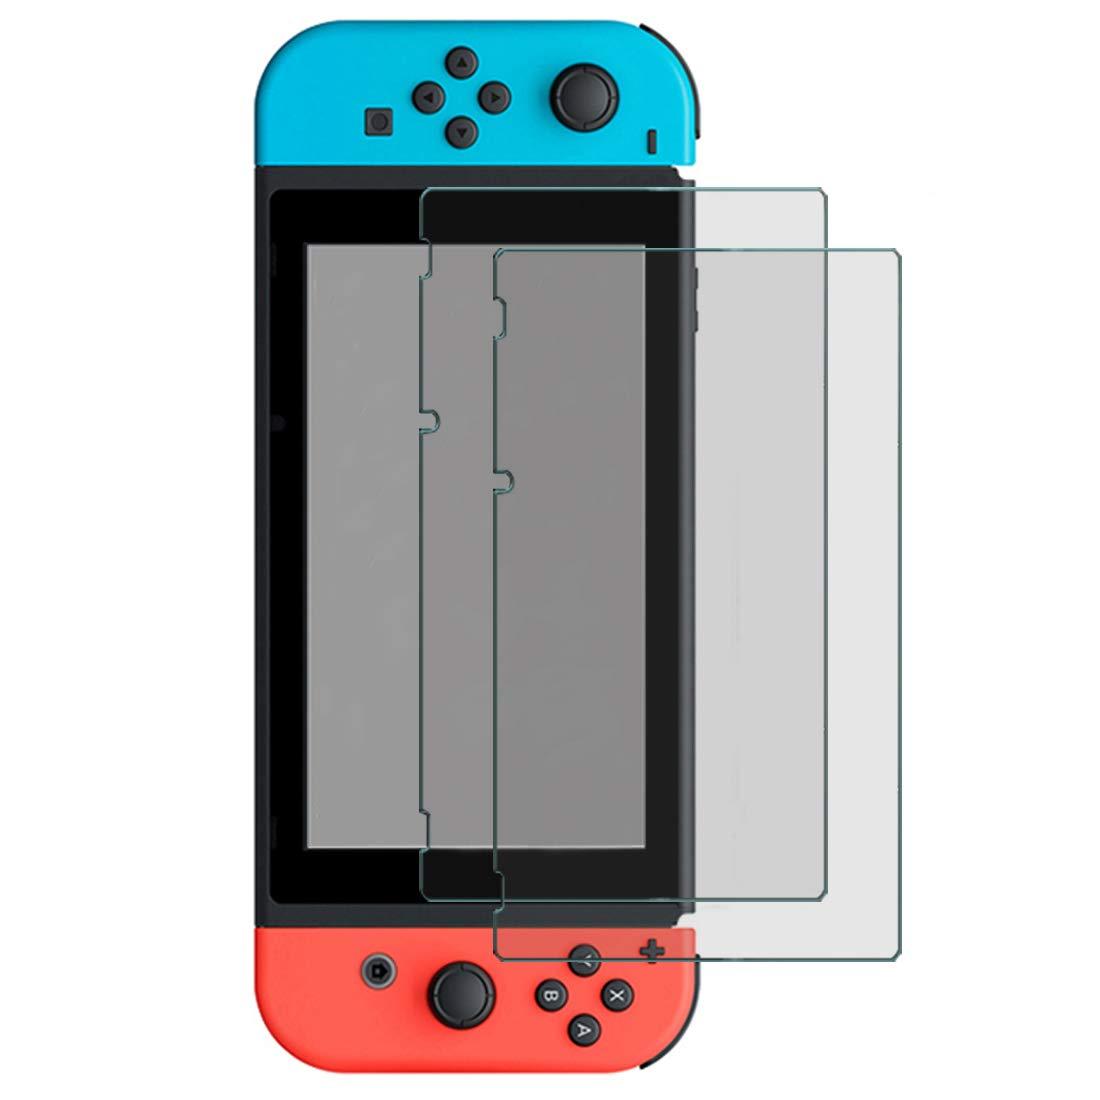 Timorn Ecran Protection Compatible avec Nintendo Switch, HD Clear Protecteur D'écran Protection Ecran Verre Trempé, Commutateur Anti-Rayures Écran Protection Film, 2 Pack